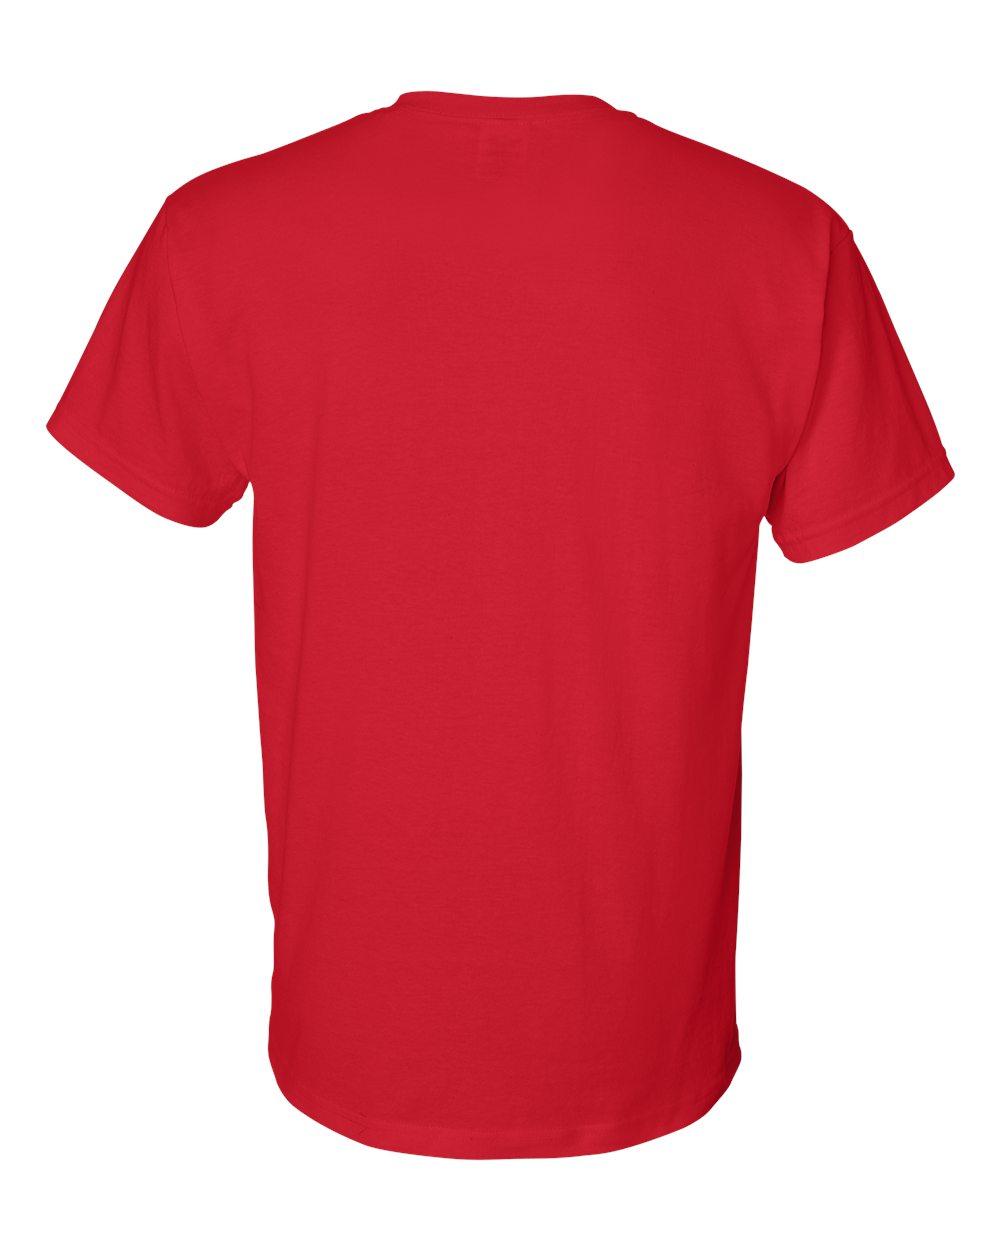 Gildan-Mens-DryBlend-5-6-oz-50-50-T-Shirt-G800-Size-S-5XL thumbnail 72